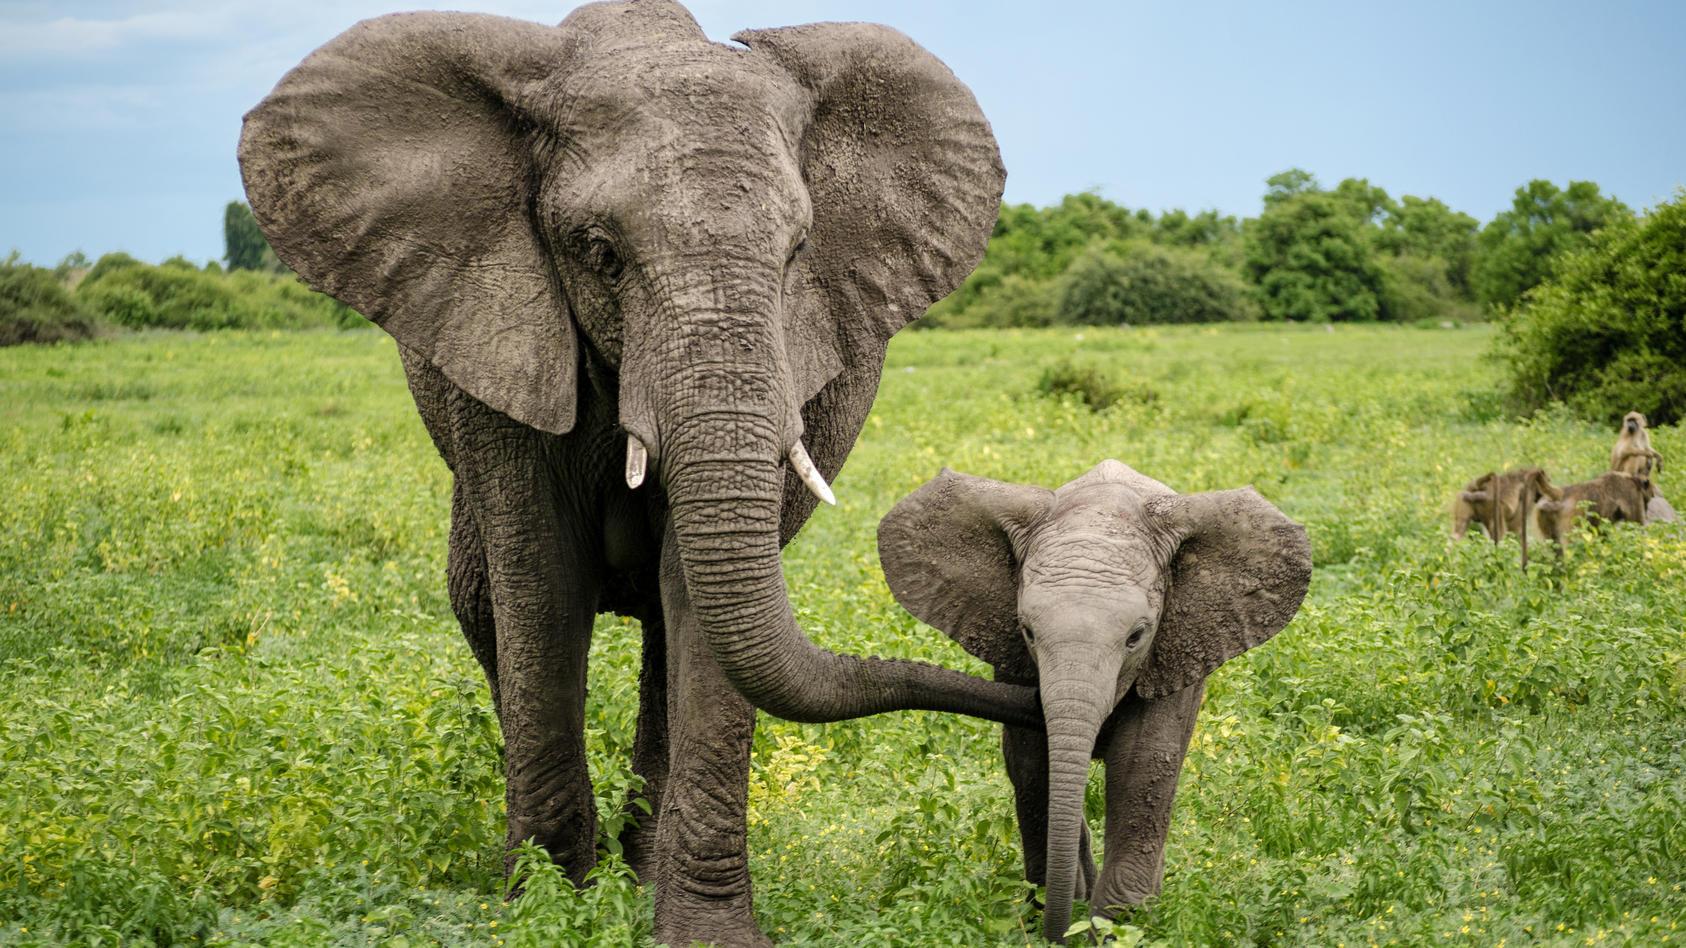 Afrika habe laut WWF in nur einem Jahrzehnt über 100.000 seiner Elefanten verloren.